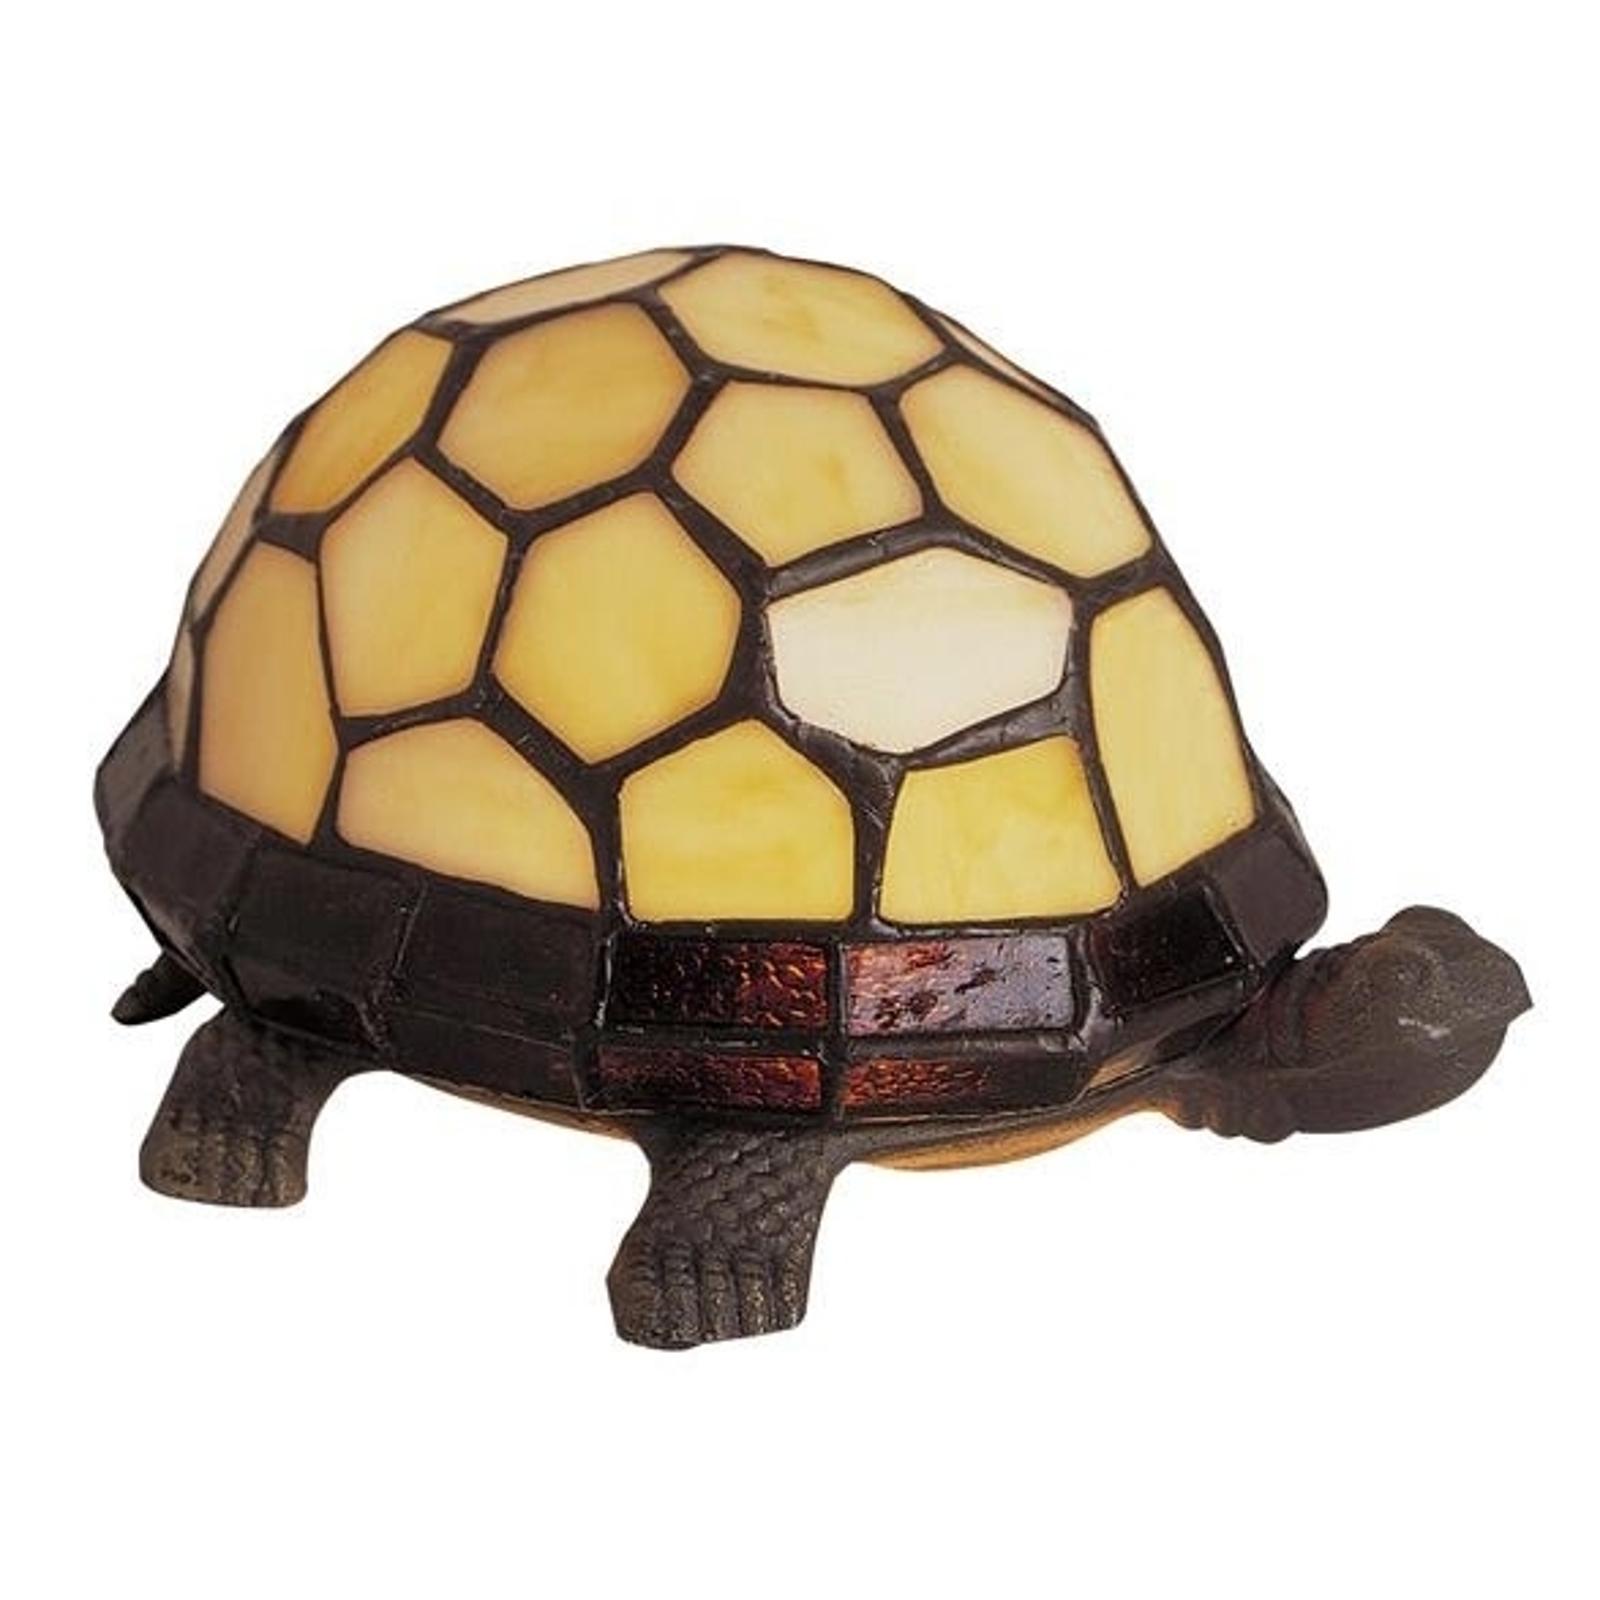 TORTUE lampa stołowa w kształcie żółwia